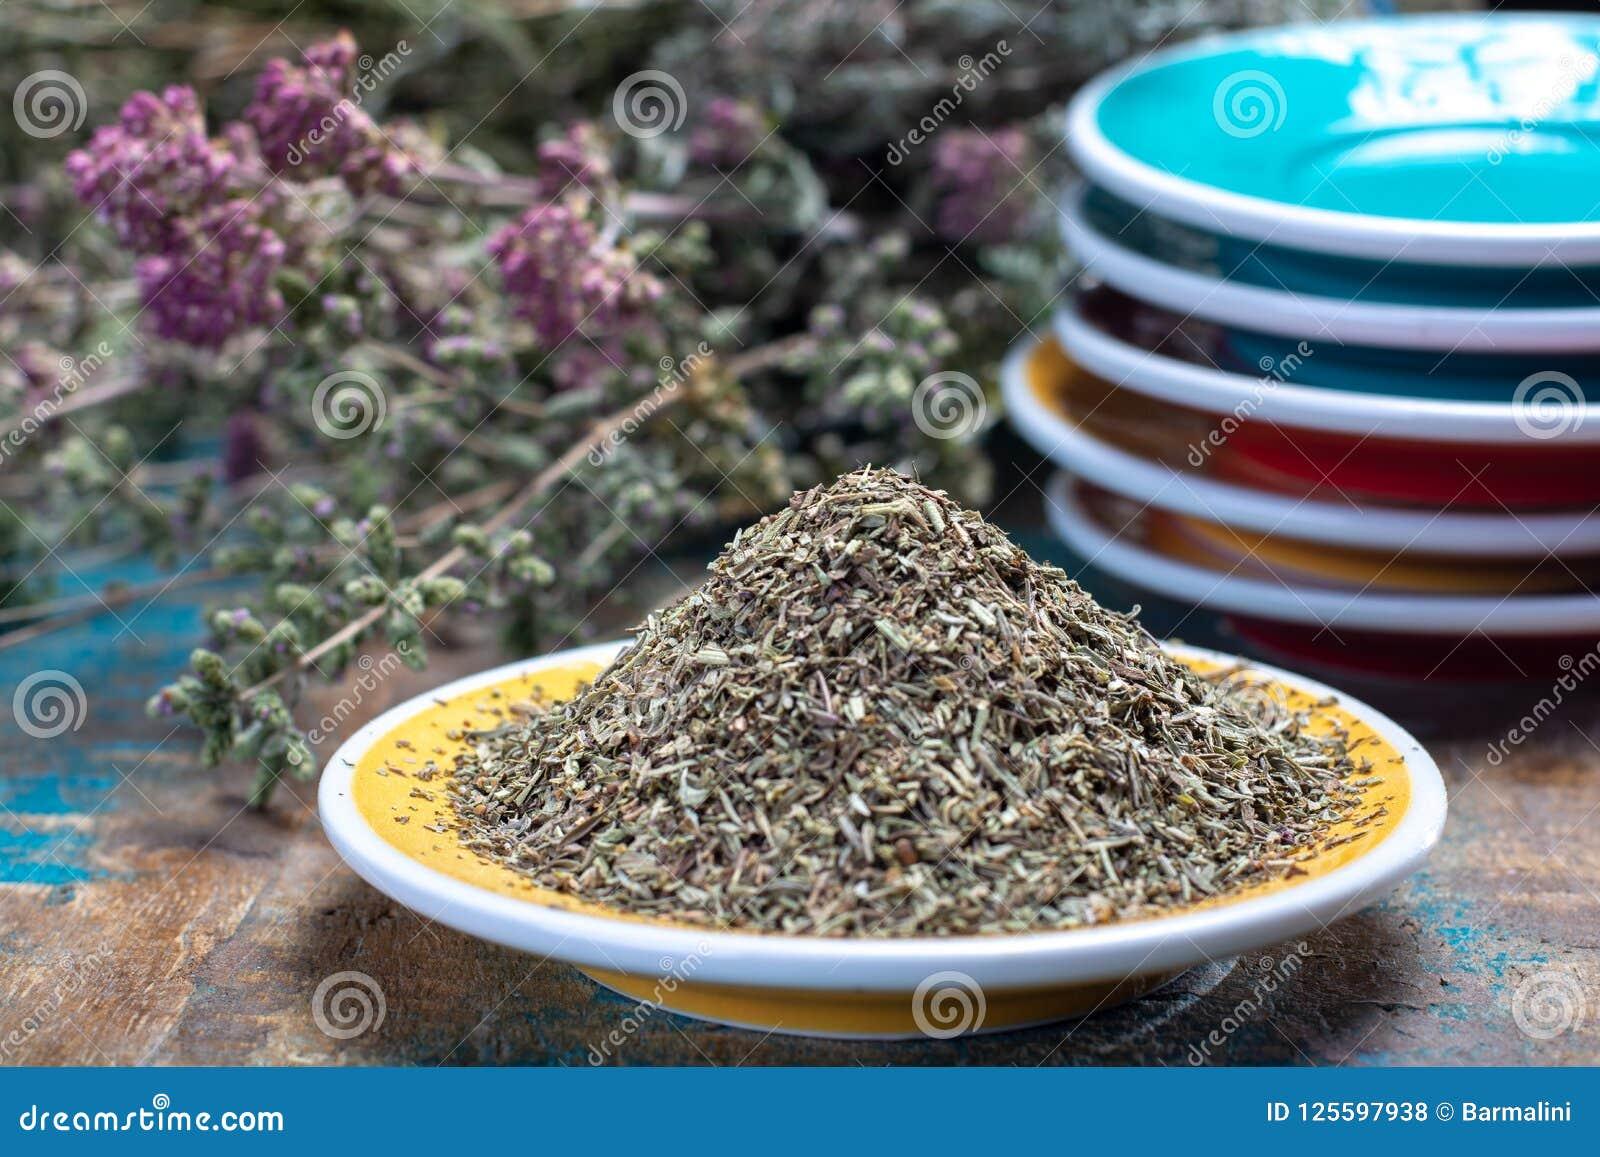 Herbes De Provence, mélange des herbes sèches a considéré typique de